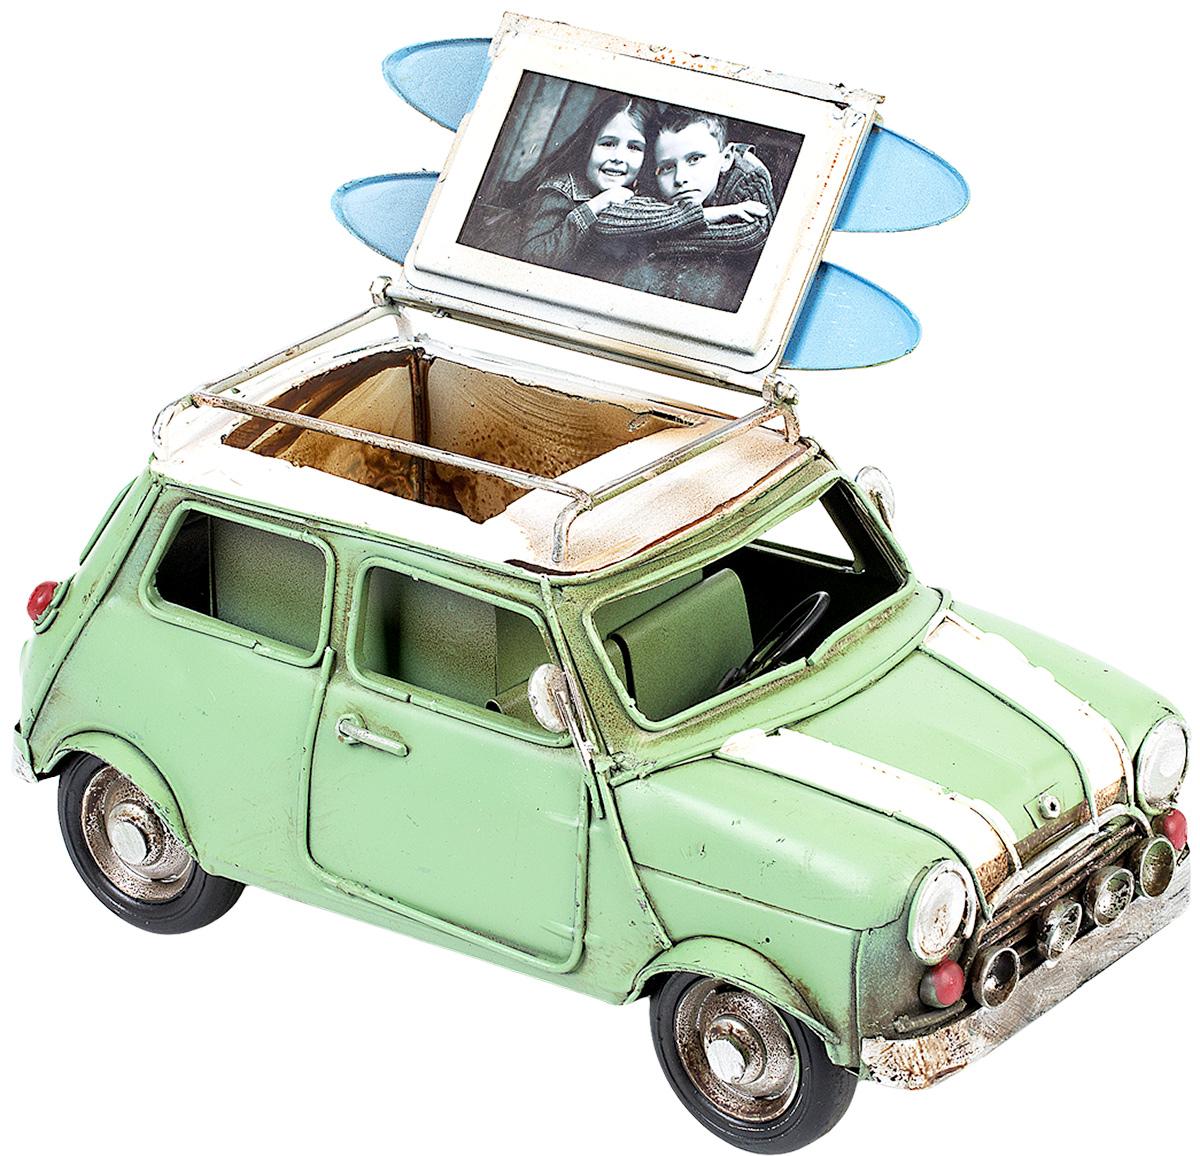 Модель Platinum Автомобиль, с фоторамкой и подставкой для ручек. 1404E-4343JP-36/22Модель Platinum Автомобиль, выполненная из металла, станет оригинальным украшением интерьера. Вы можете поставить модель ретро-автомобиля в любом месте, где она будет удачно смотреться.Изделие дополнено подставкой для ручек и фоторамкой, куда вы можете вставить вашу любимую фотографию.Качество исполнения, точные детали и оригинальный дизайн выделяют эту модель среди ряда подобных. Модель займет достойное место в вашей коллекции, а также приятно удивит получателя в качестве стильного сувенира.